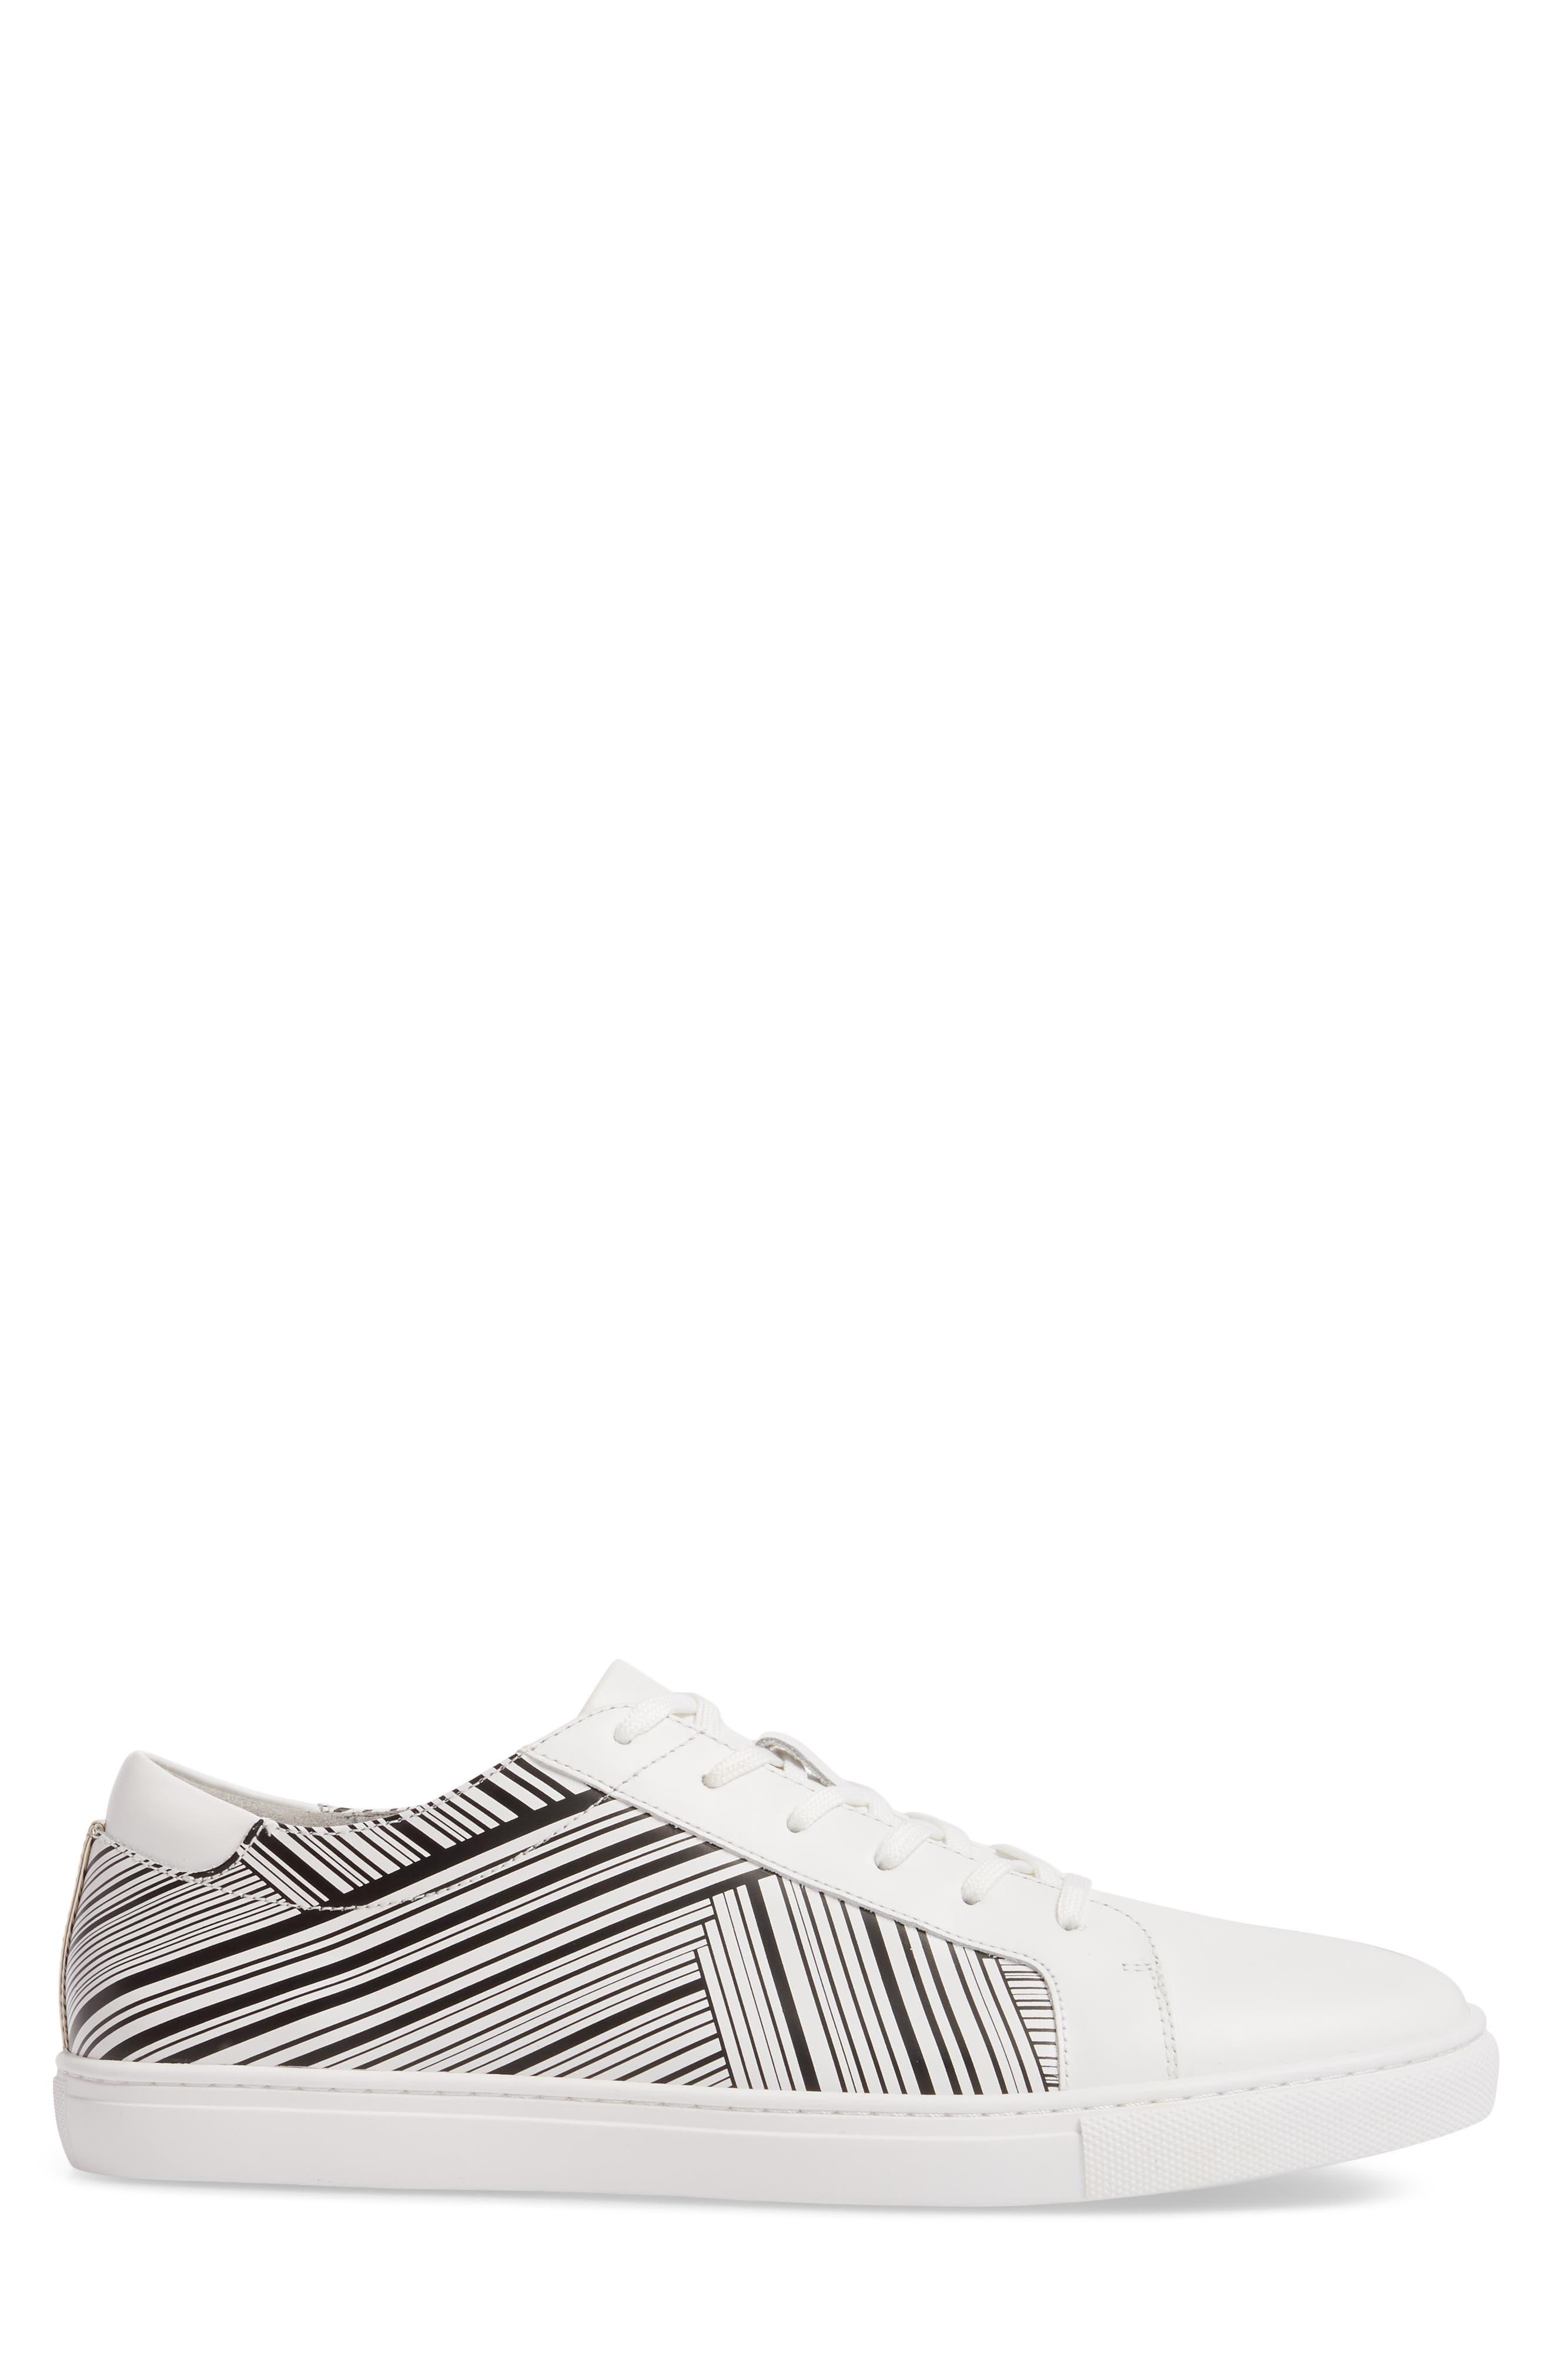 Kam Sneaker,                             Alternate thumbnail 3, color,                             White/ Black Leather